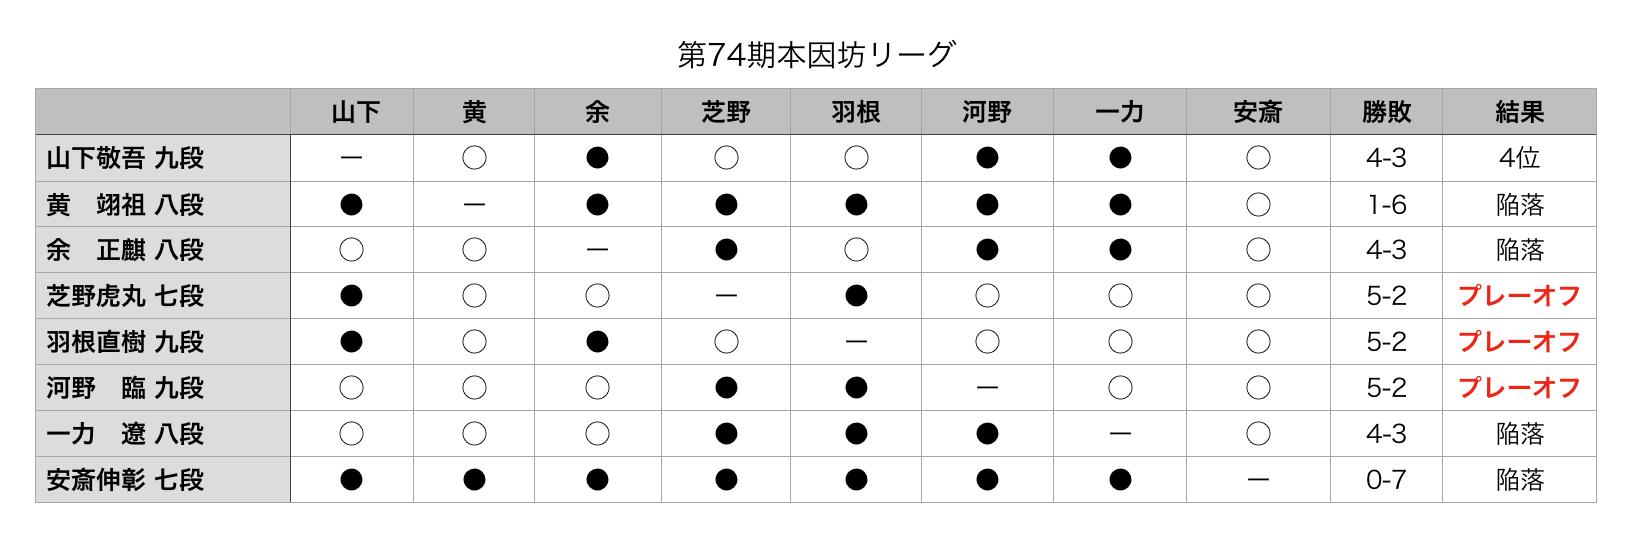 第74期囲碁本因坊戦リーグ戦